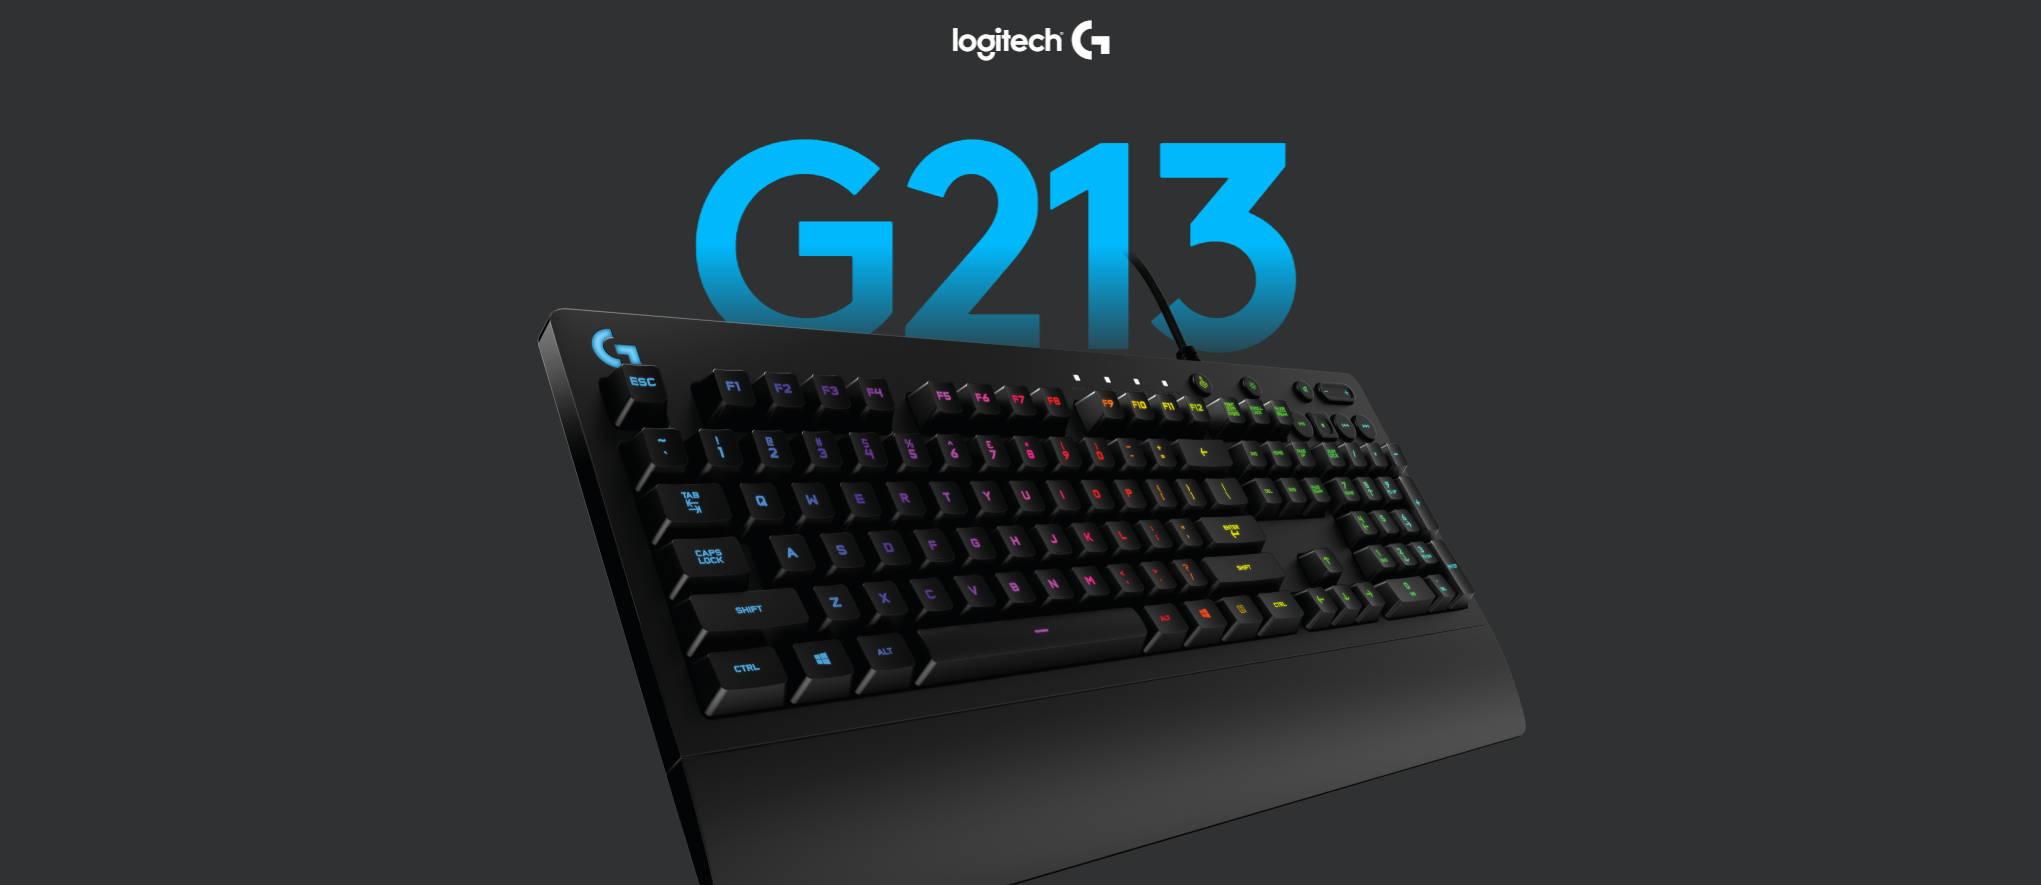 Внешний вид клавиатуры